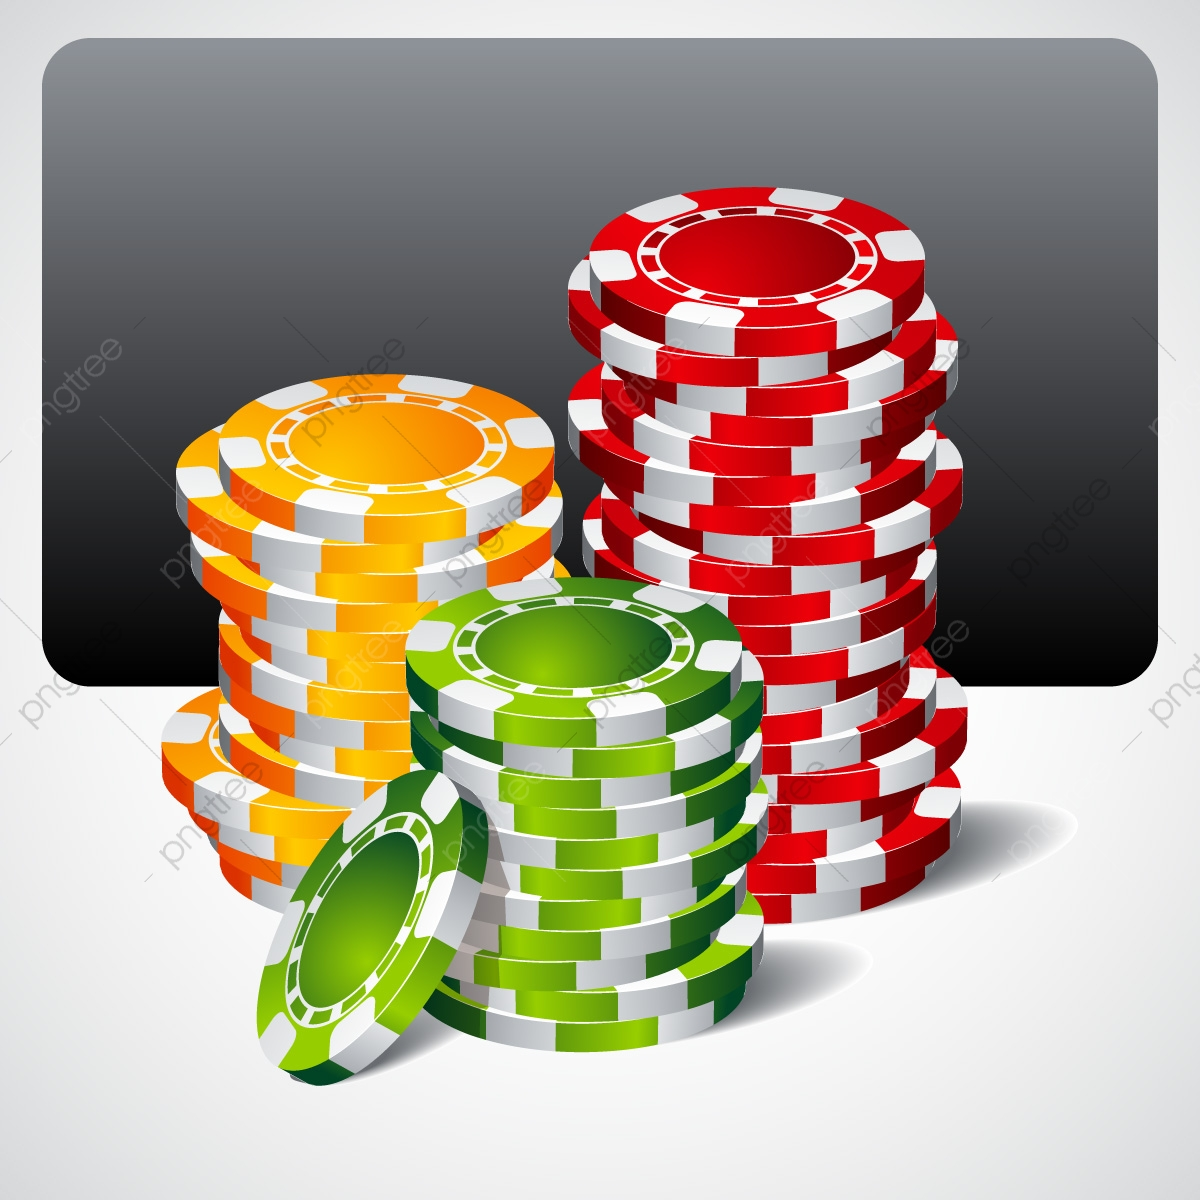 азартные игры карты бесплатно